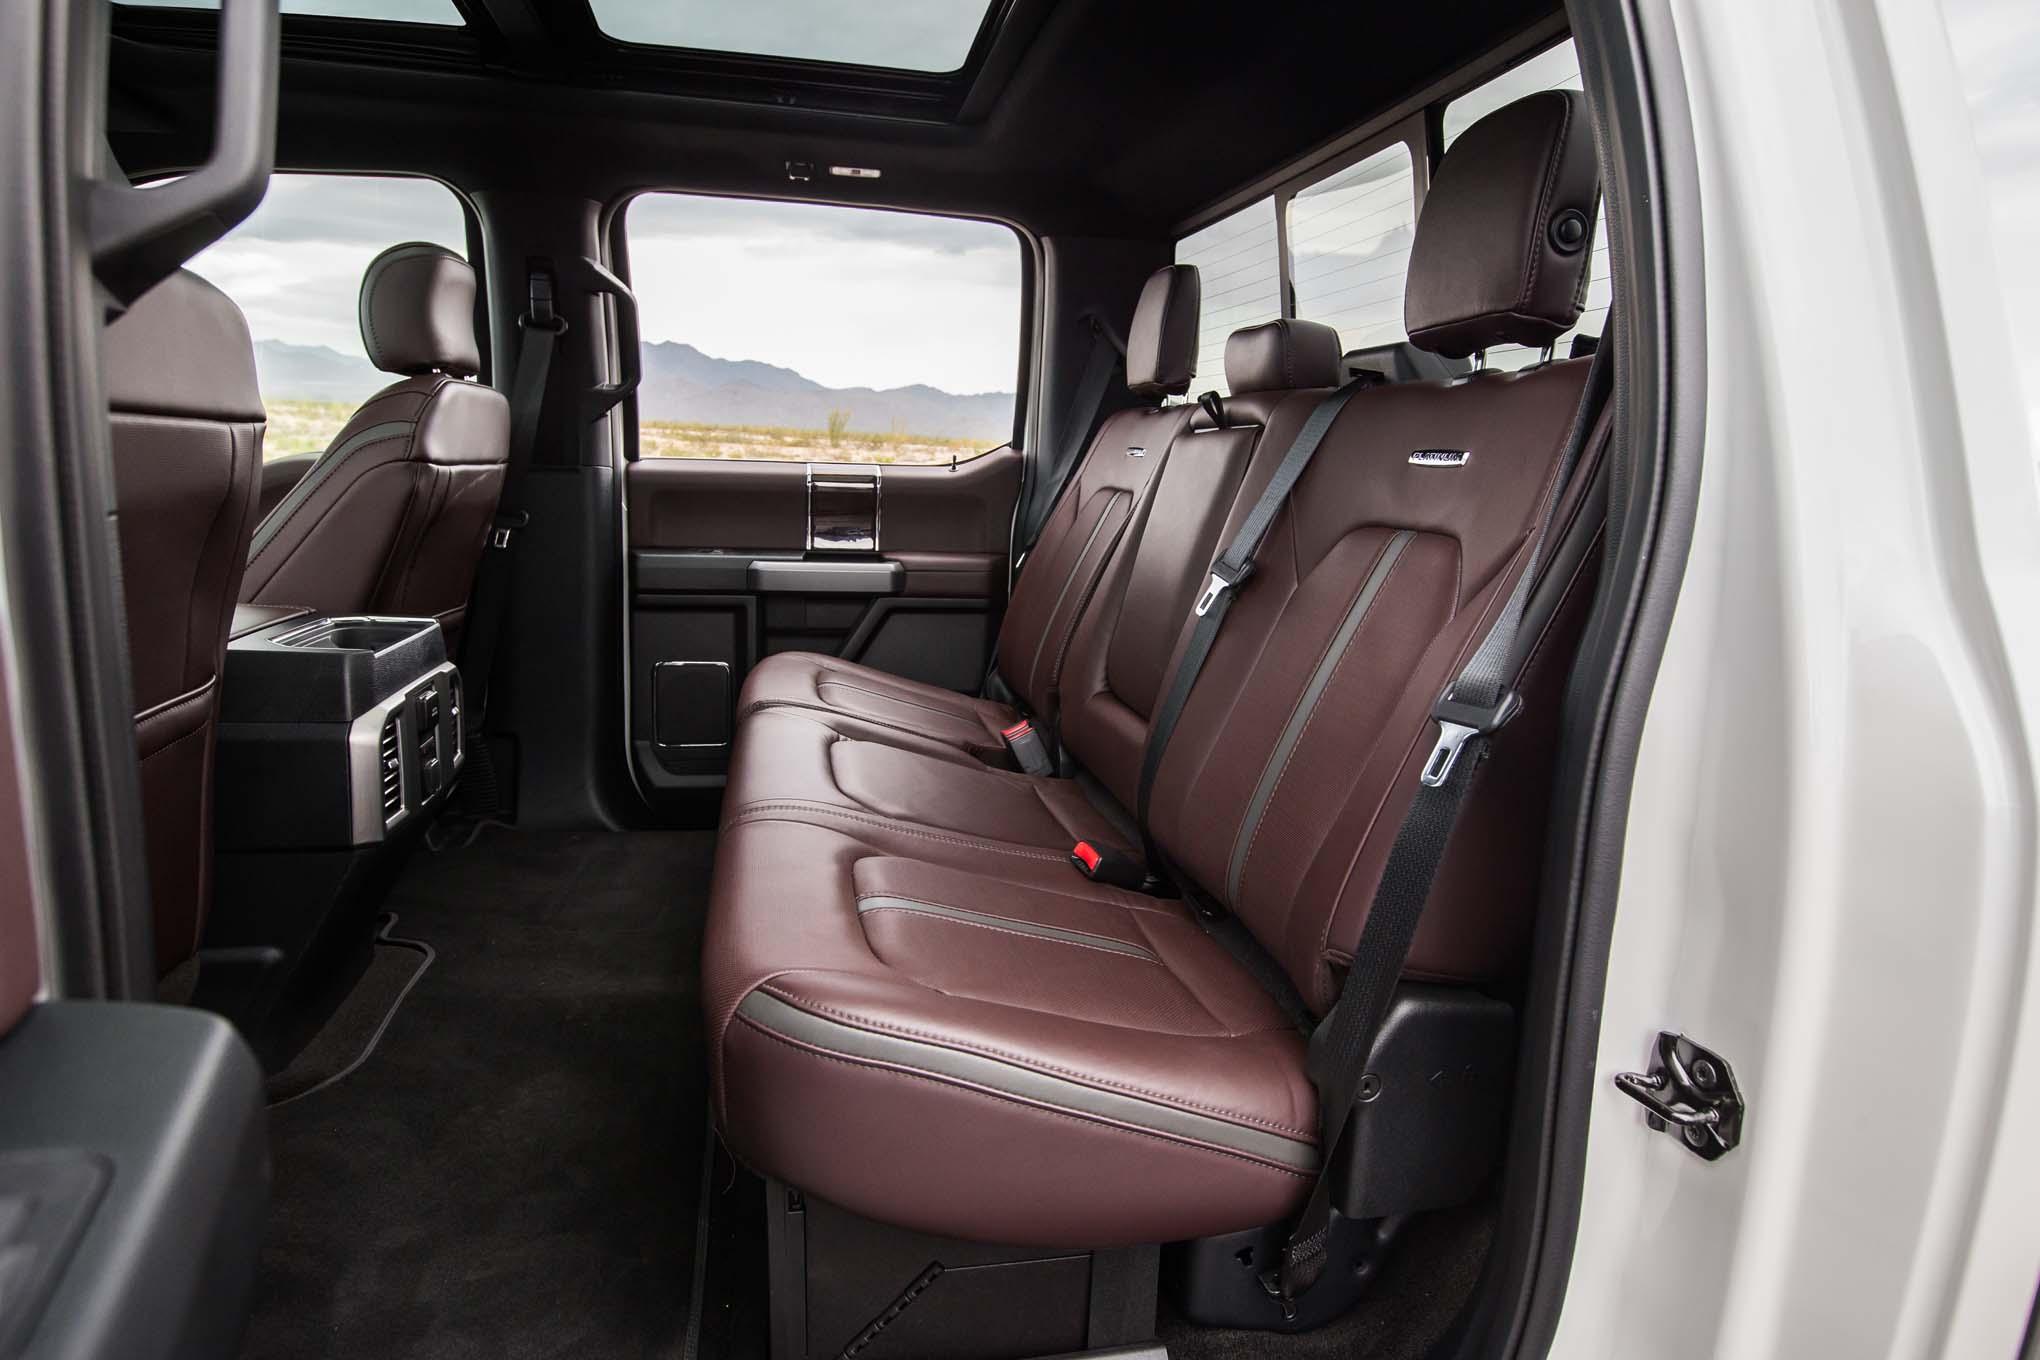 2017-Ford-F-250-Platinum-4x4-67L-rear-interior-seats-70 ...